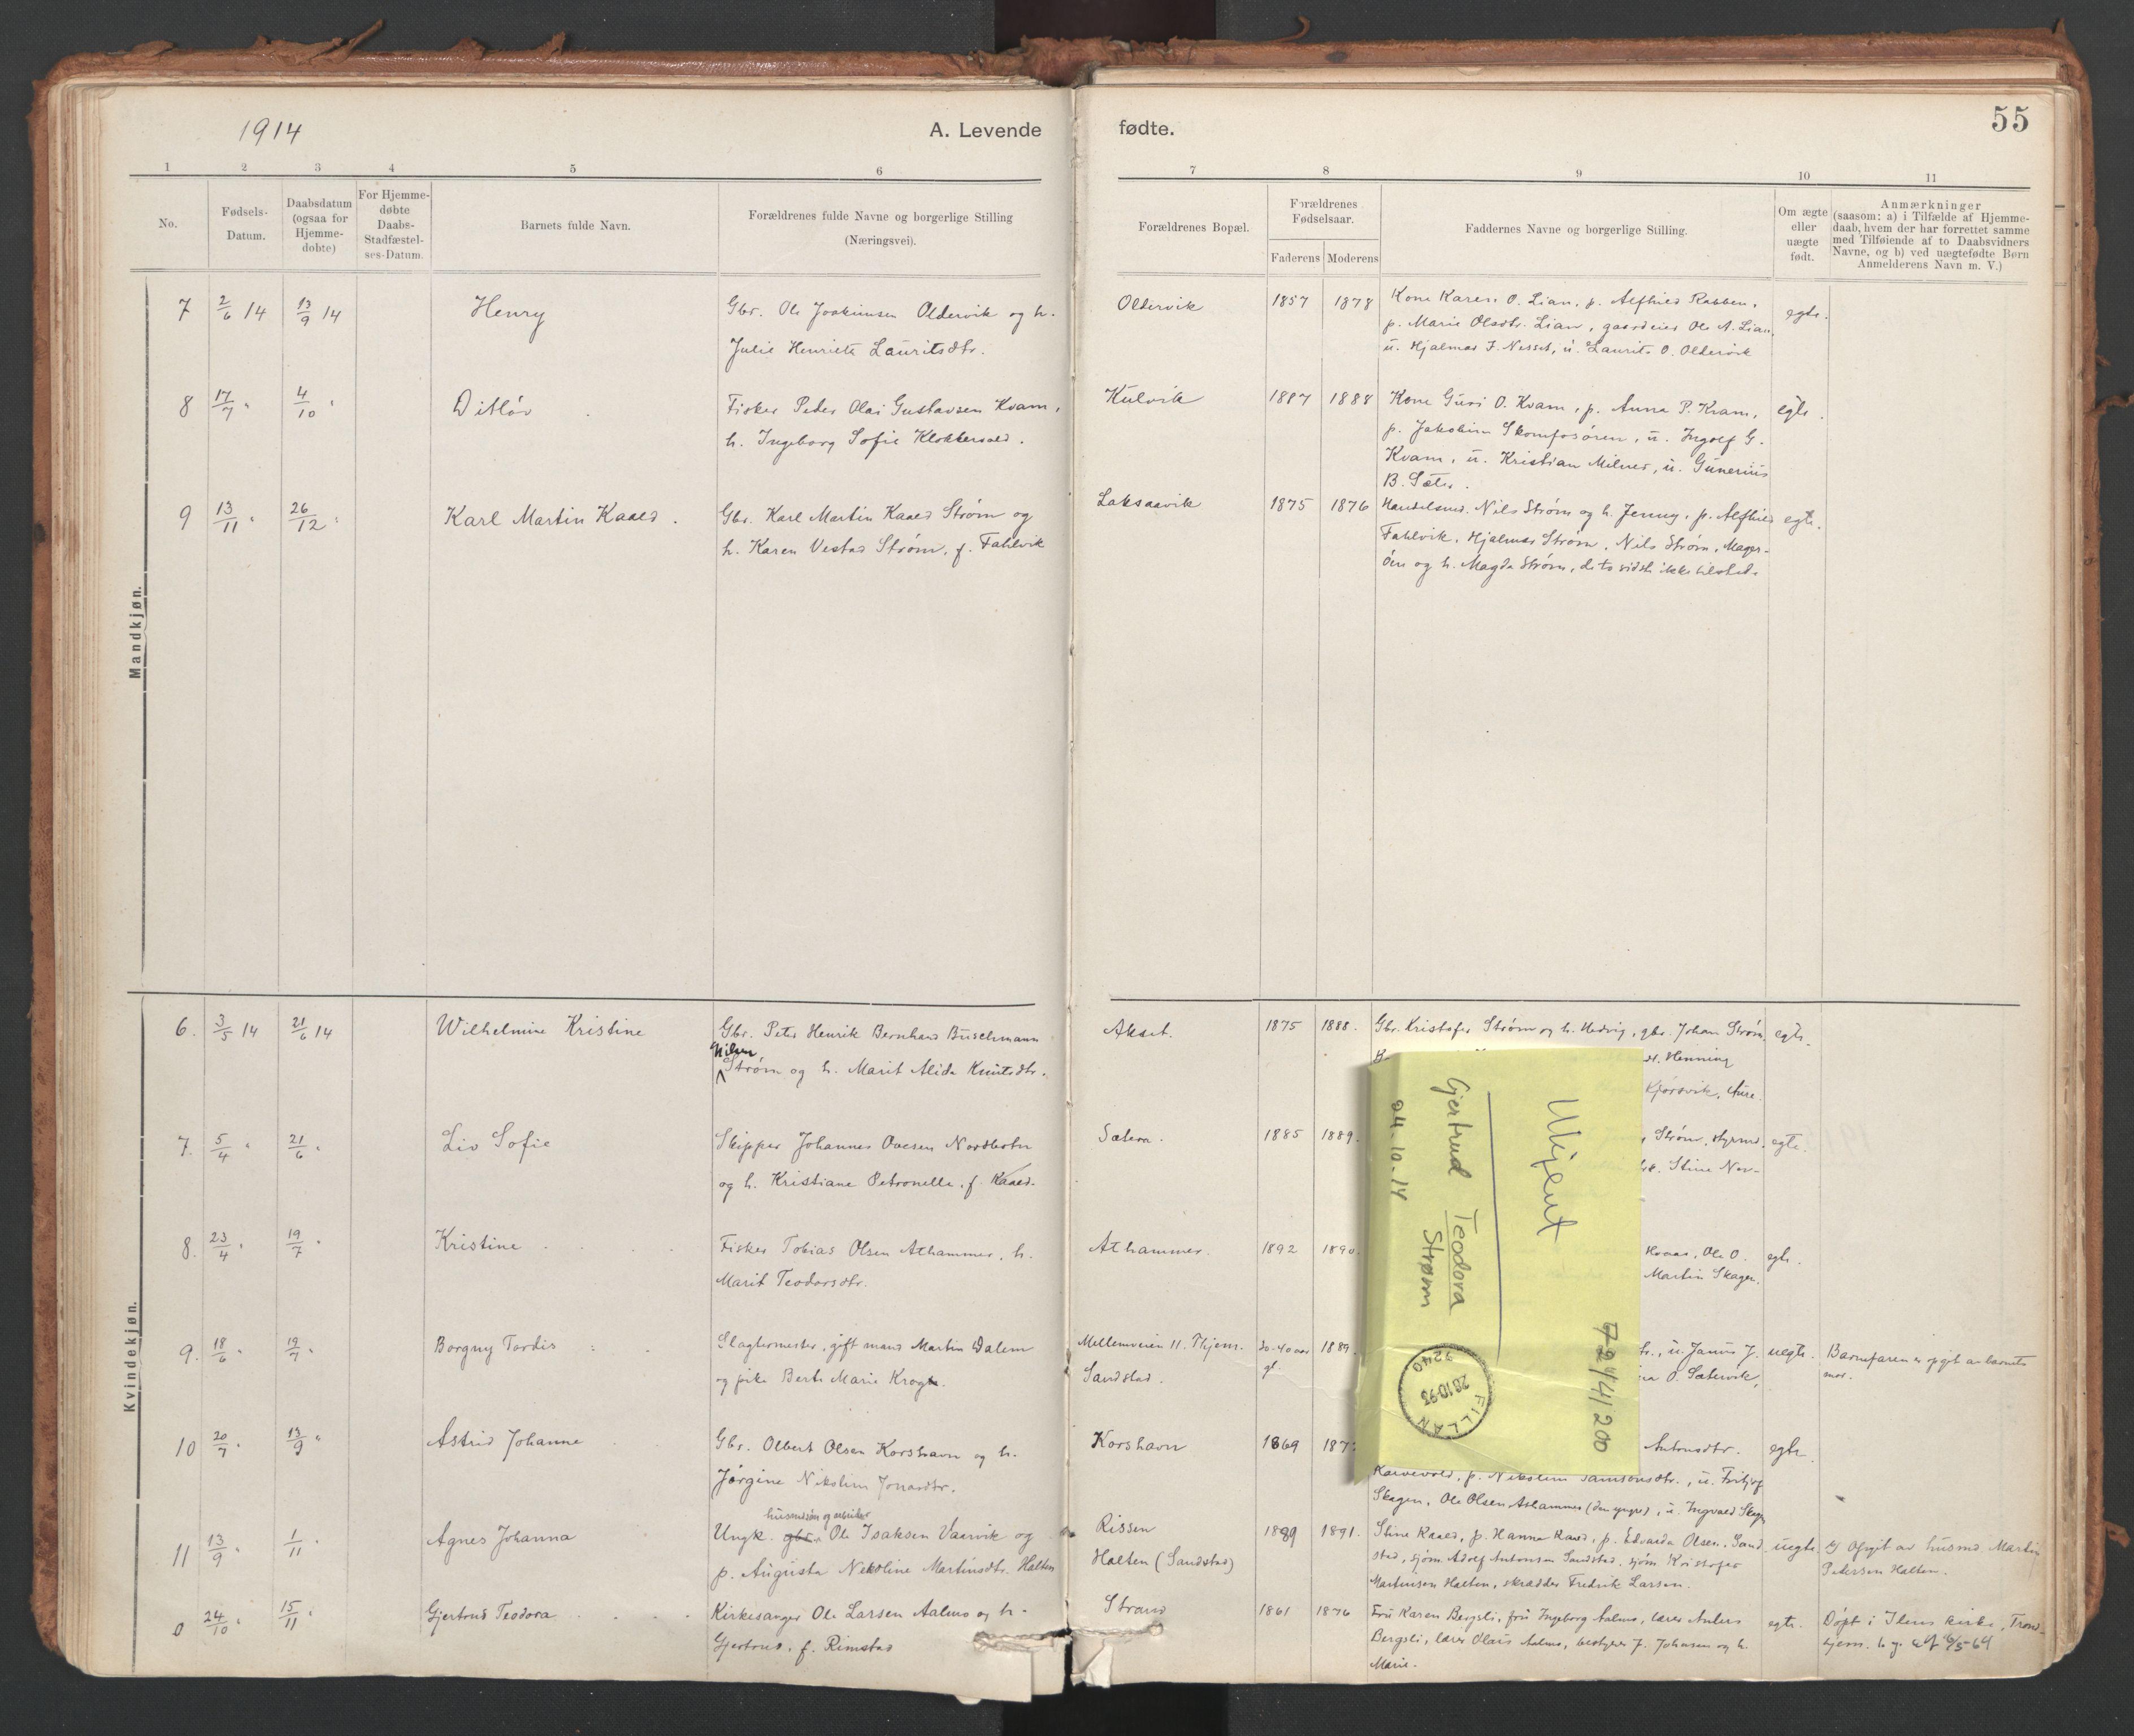 SAT, Ministerialprotokoller, klokkerbøker og fødselsregistre - Sør-Trøndelag, 639/L0572: Ministerialbok nr. 639A01, 1890-1920, s. 55